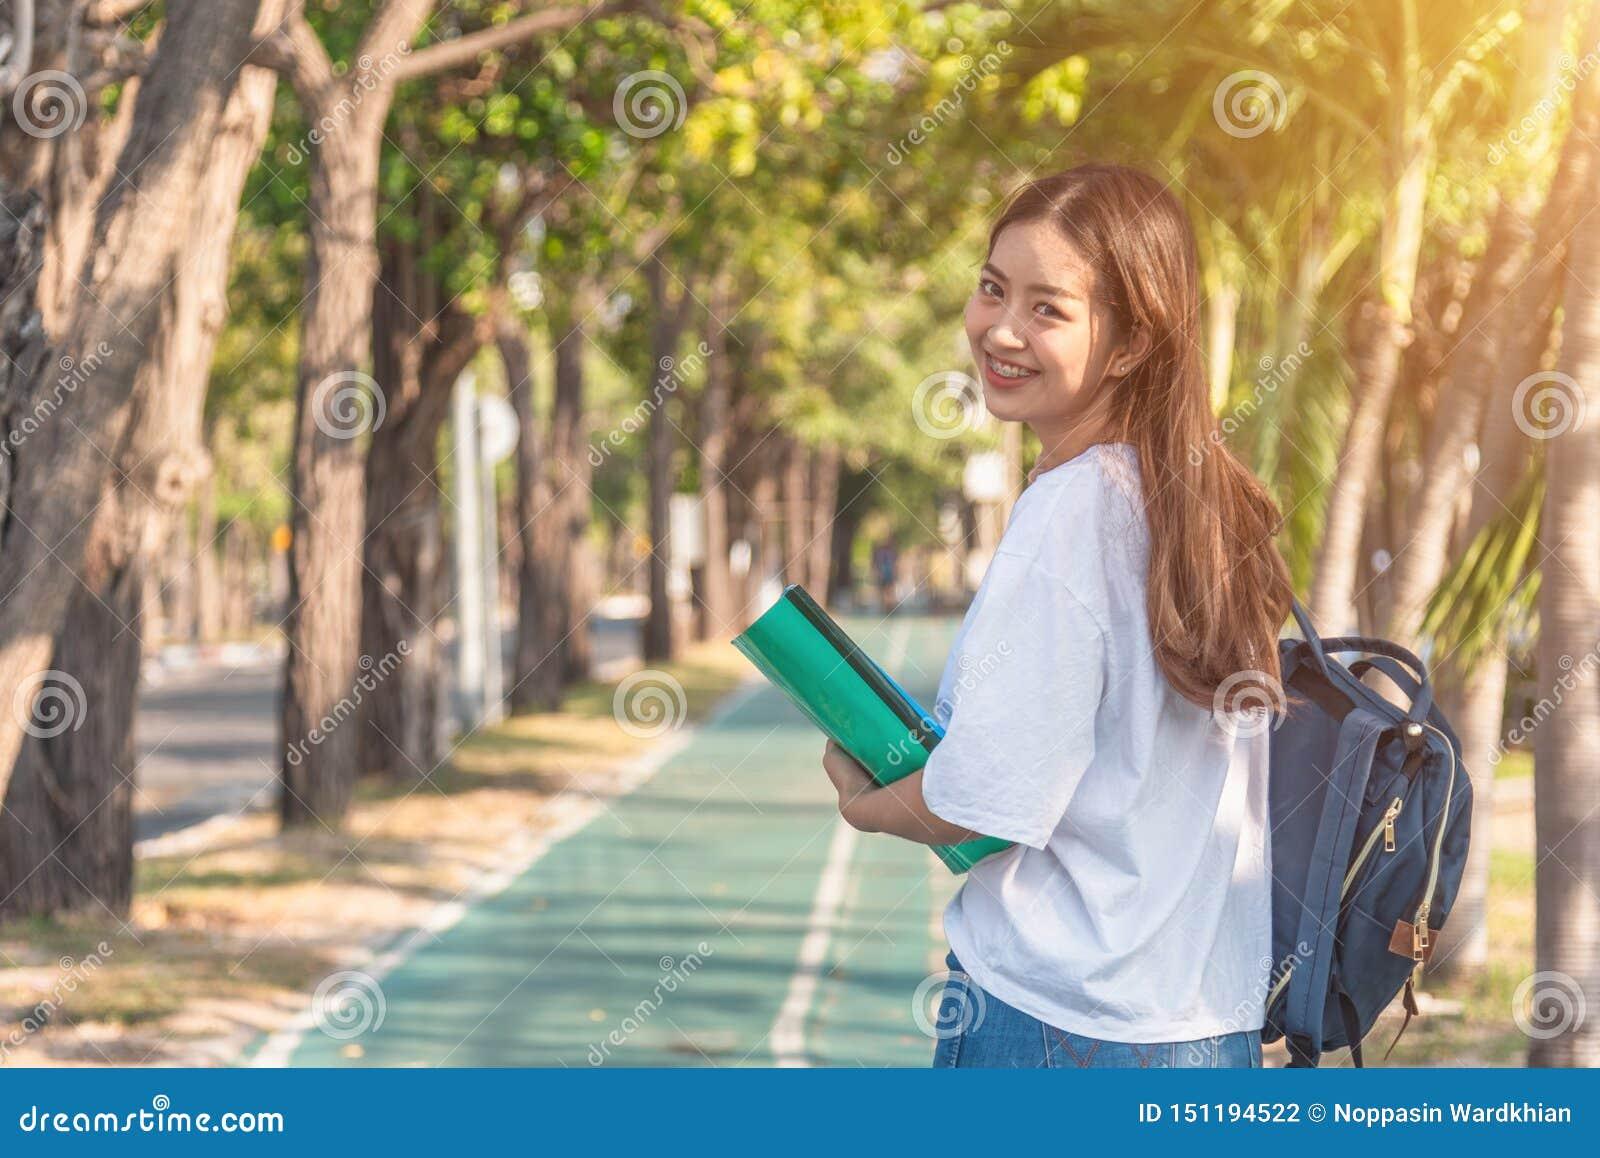 Rozochocona atrakcyjna młoda kobieta z, pozycja w parku i